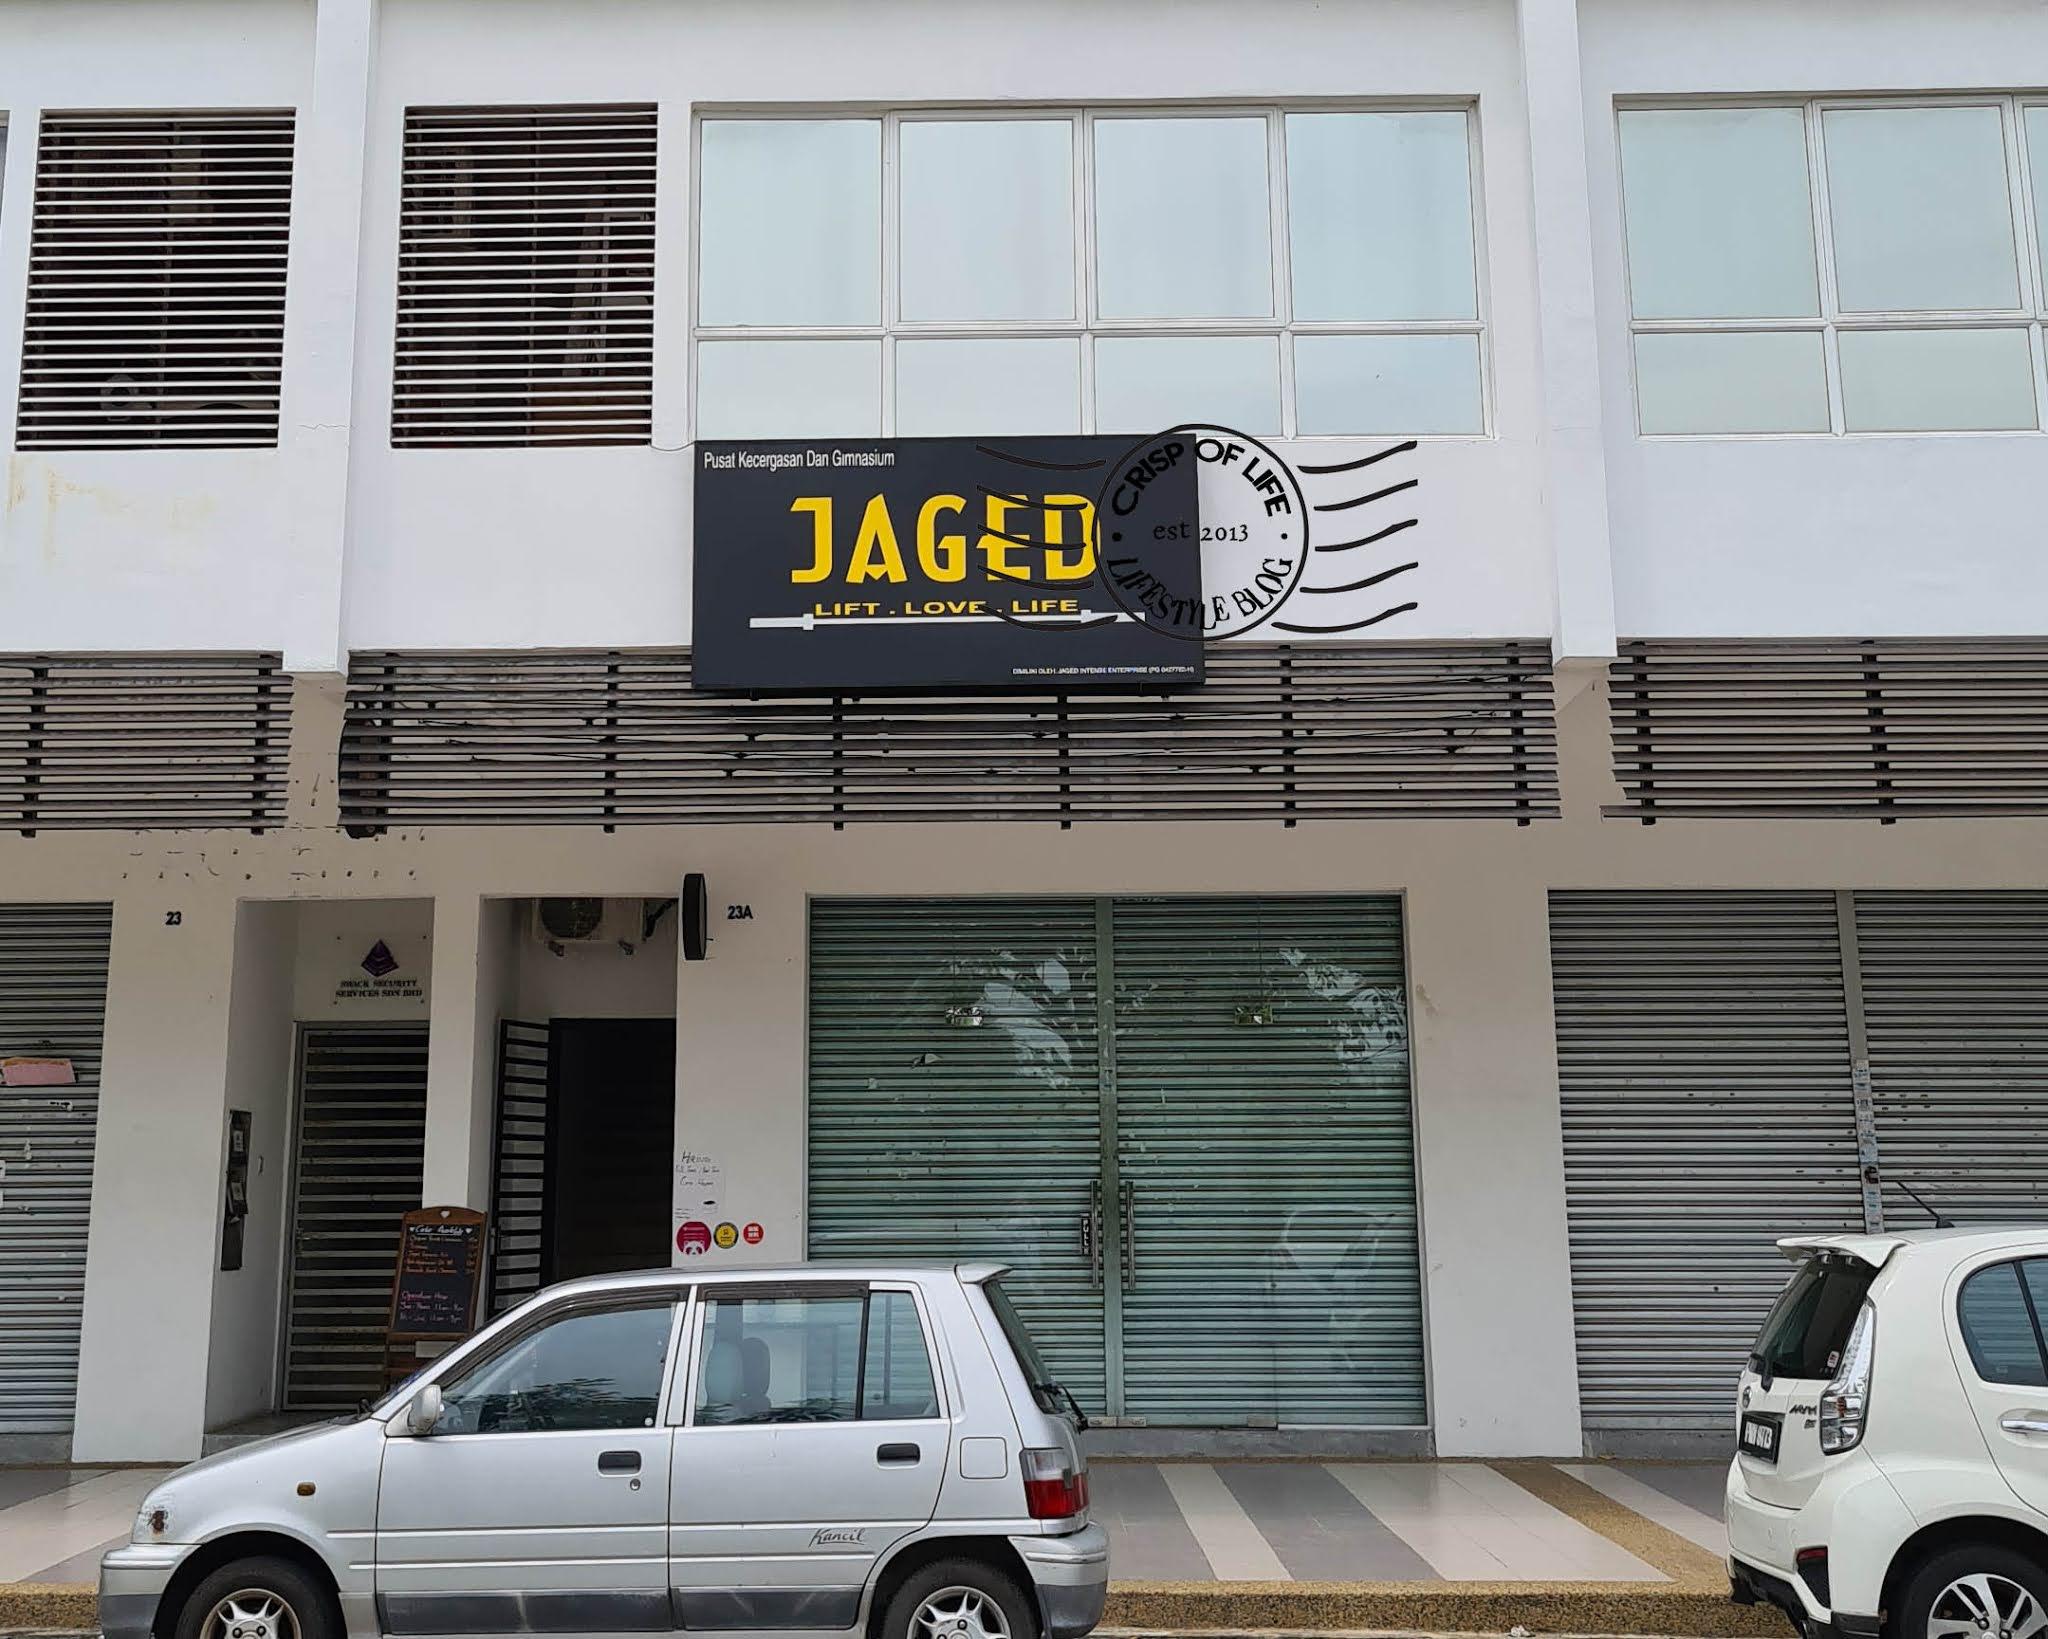 Jaged Cafe @ Bukit Mertajam, Penang